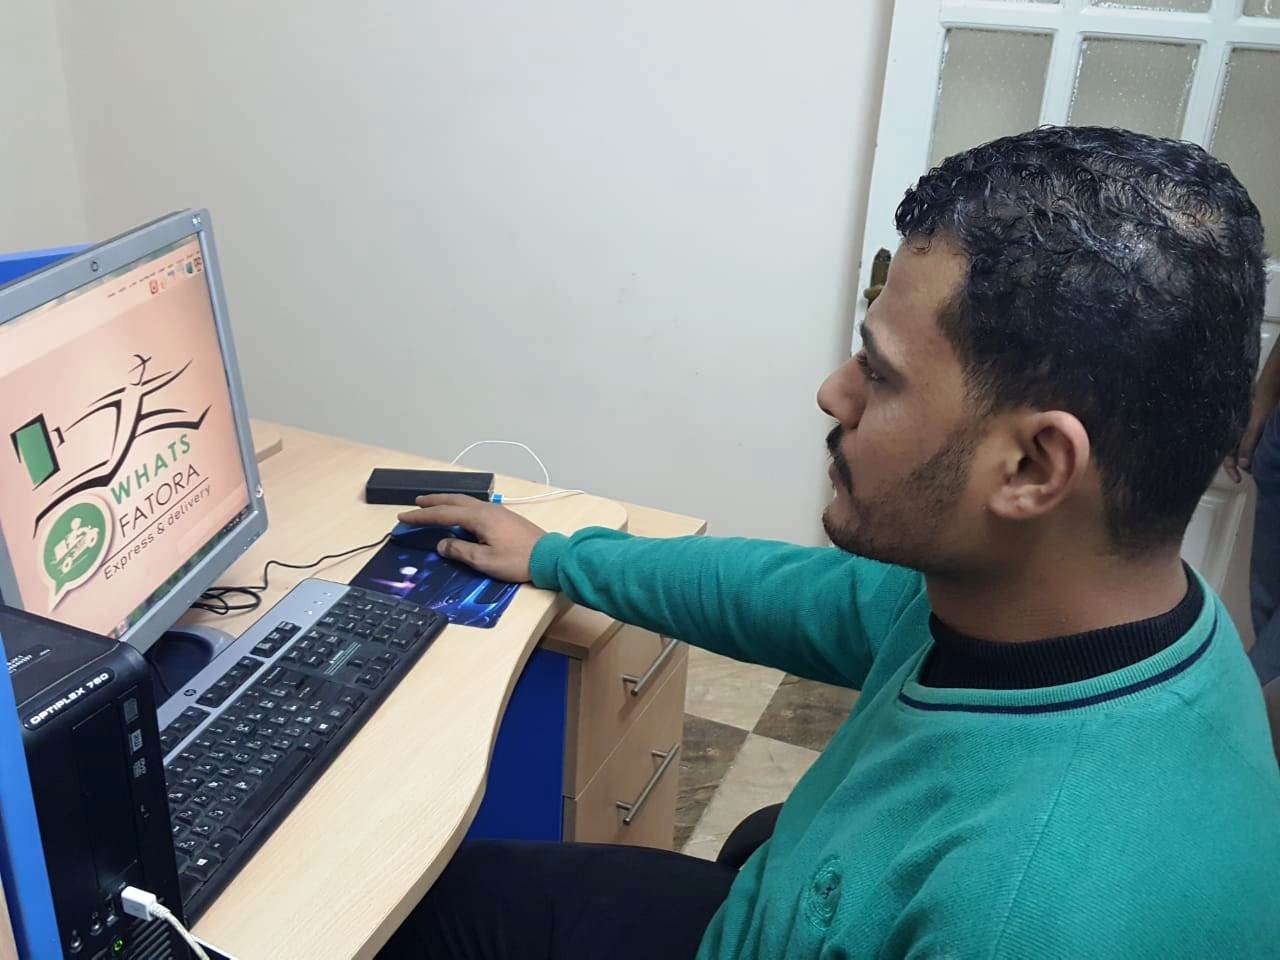 أحمد عكرة شاب ترك تخصصه لتقديم الطلبات للمنازل (16)